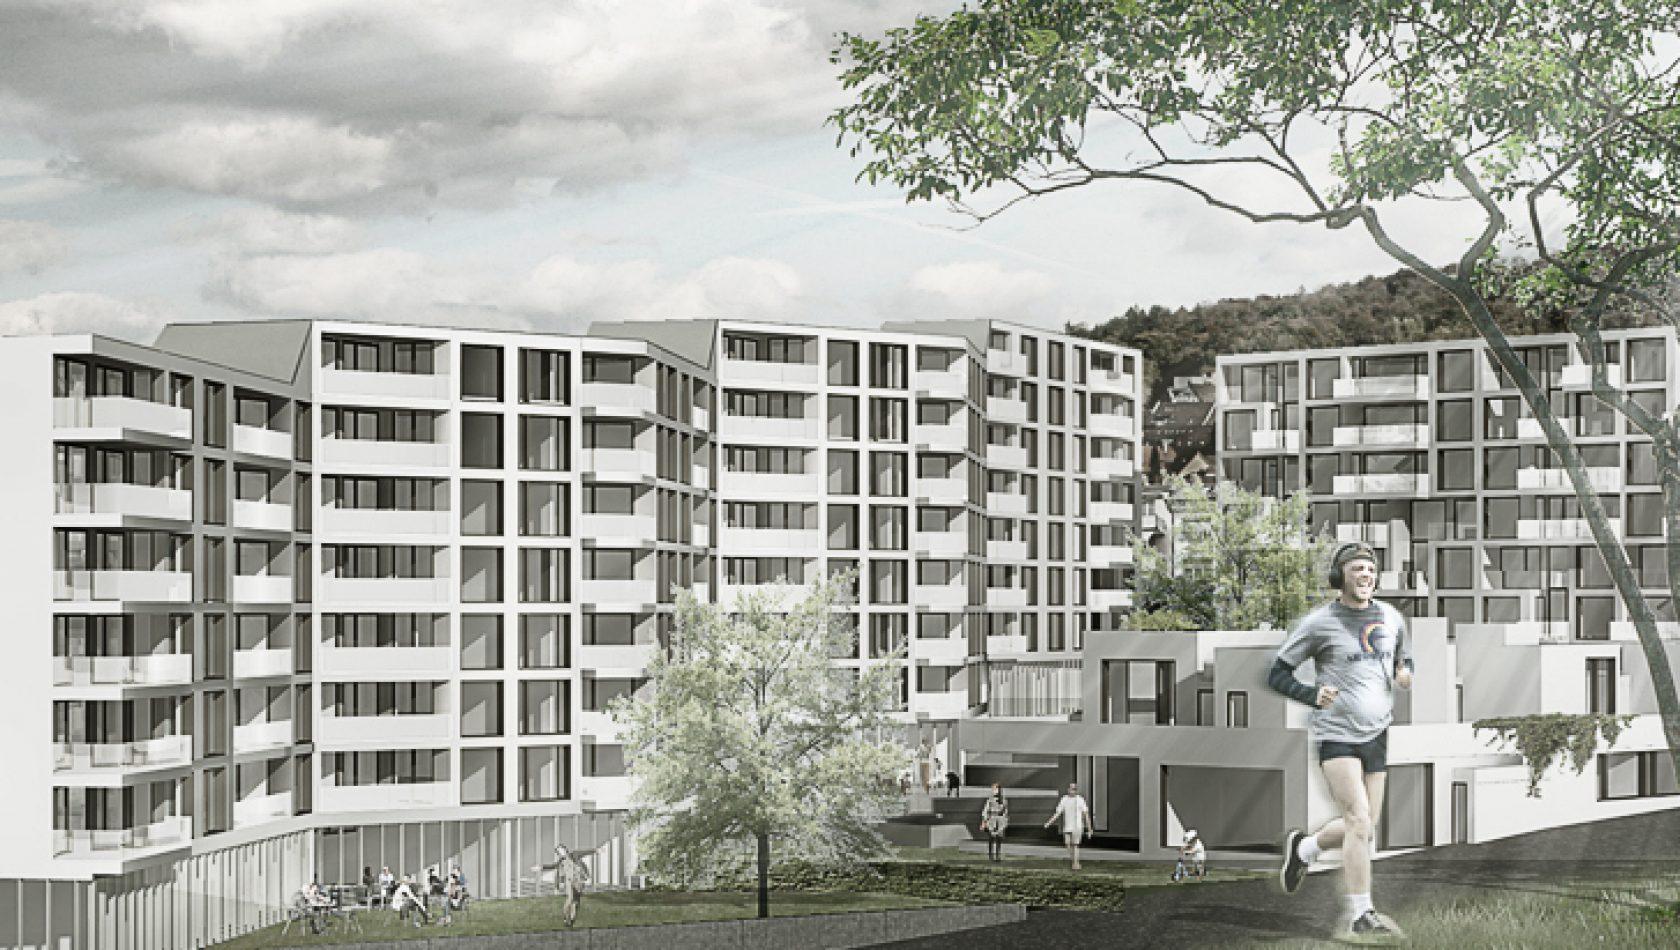 Kronenwiese Zürich - Visualisierung by MANTEL Architects